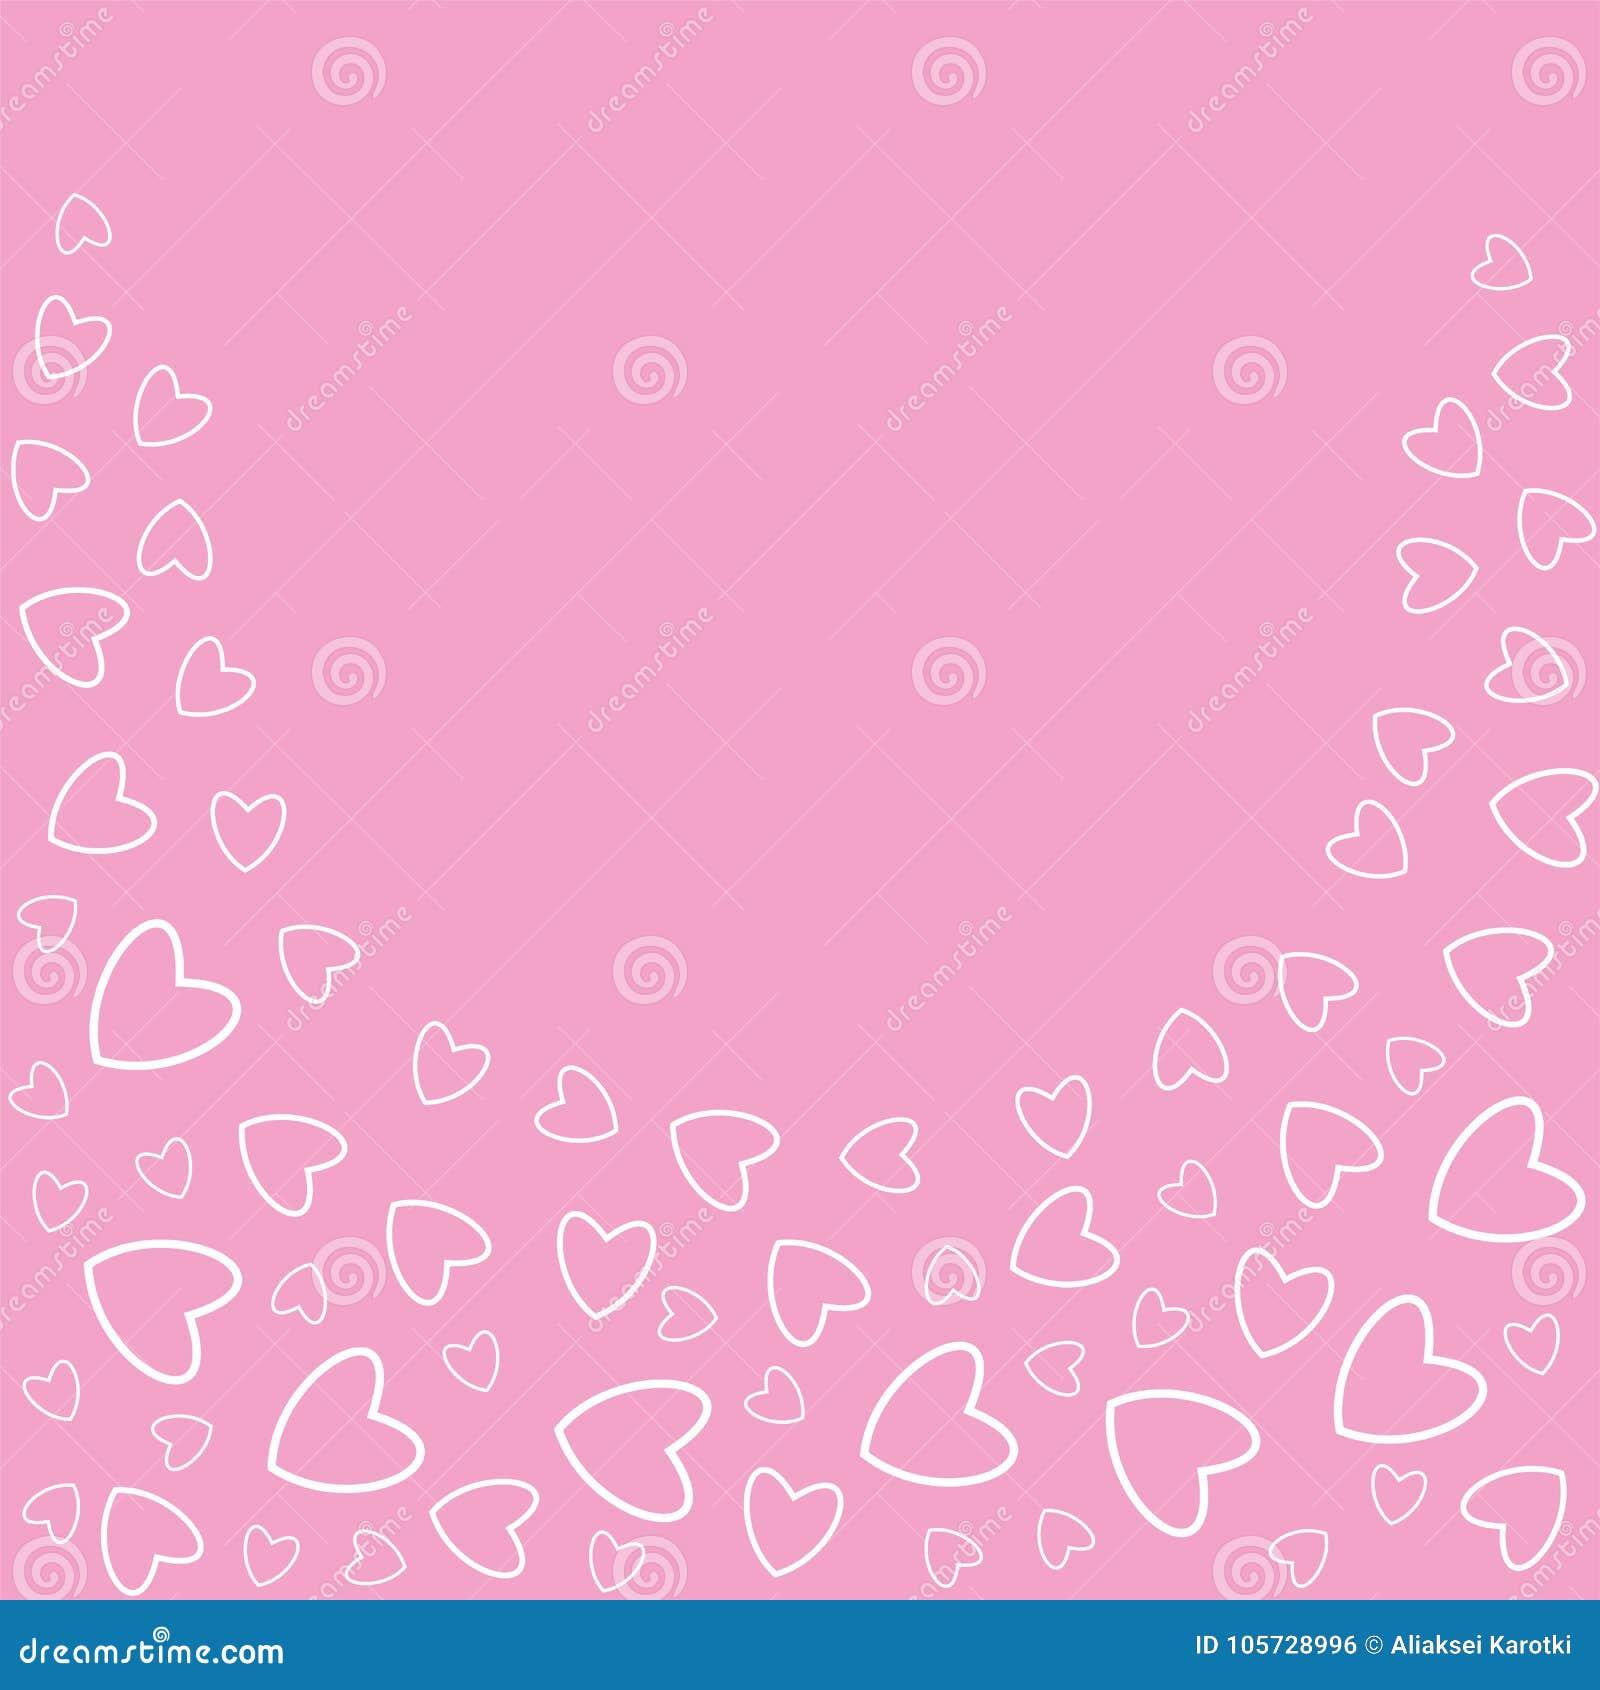 Rahmen Von Herzen Auf Einem Rosa Hintergrund Druckt, Grußkarten ...